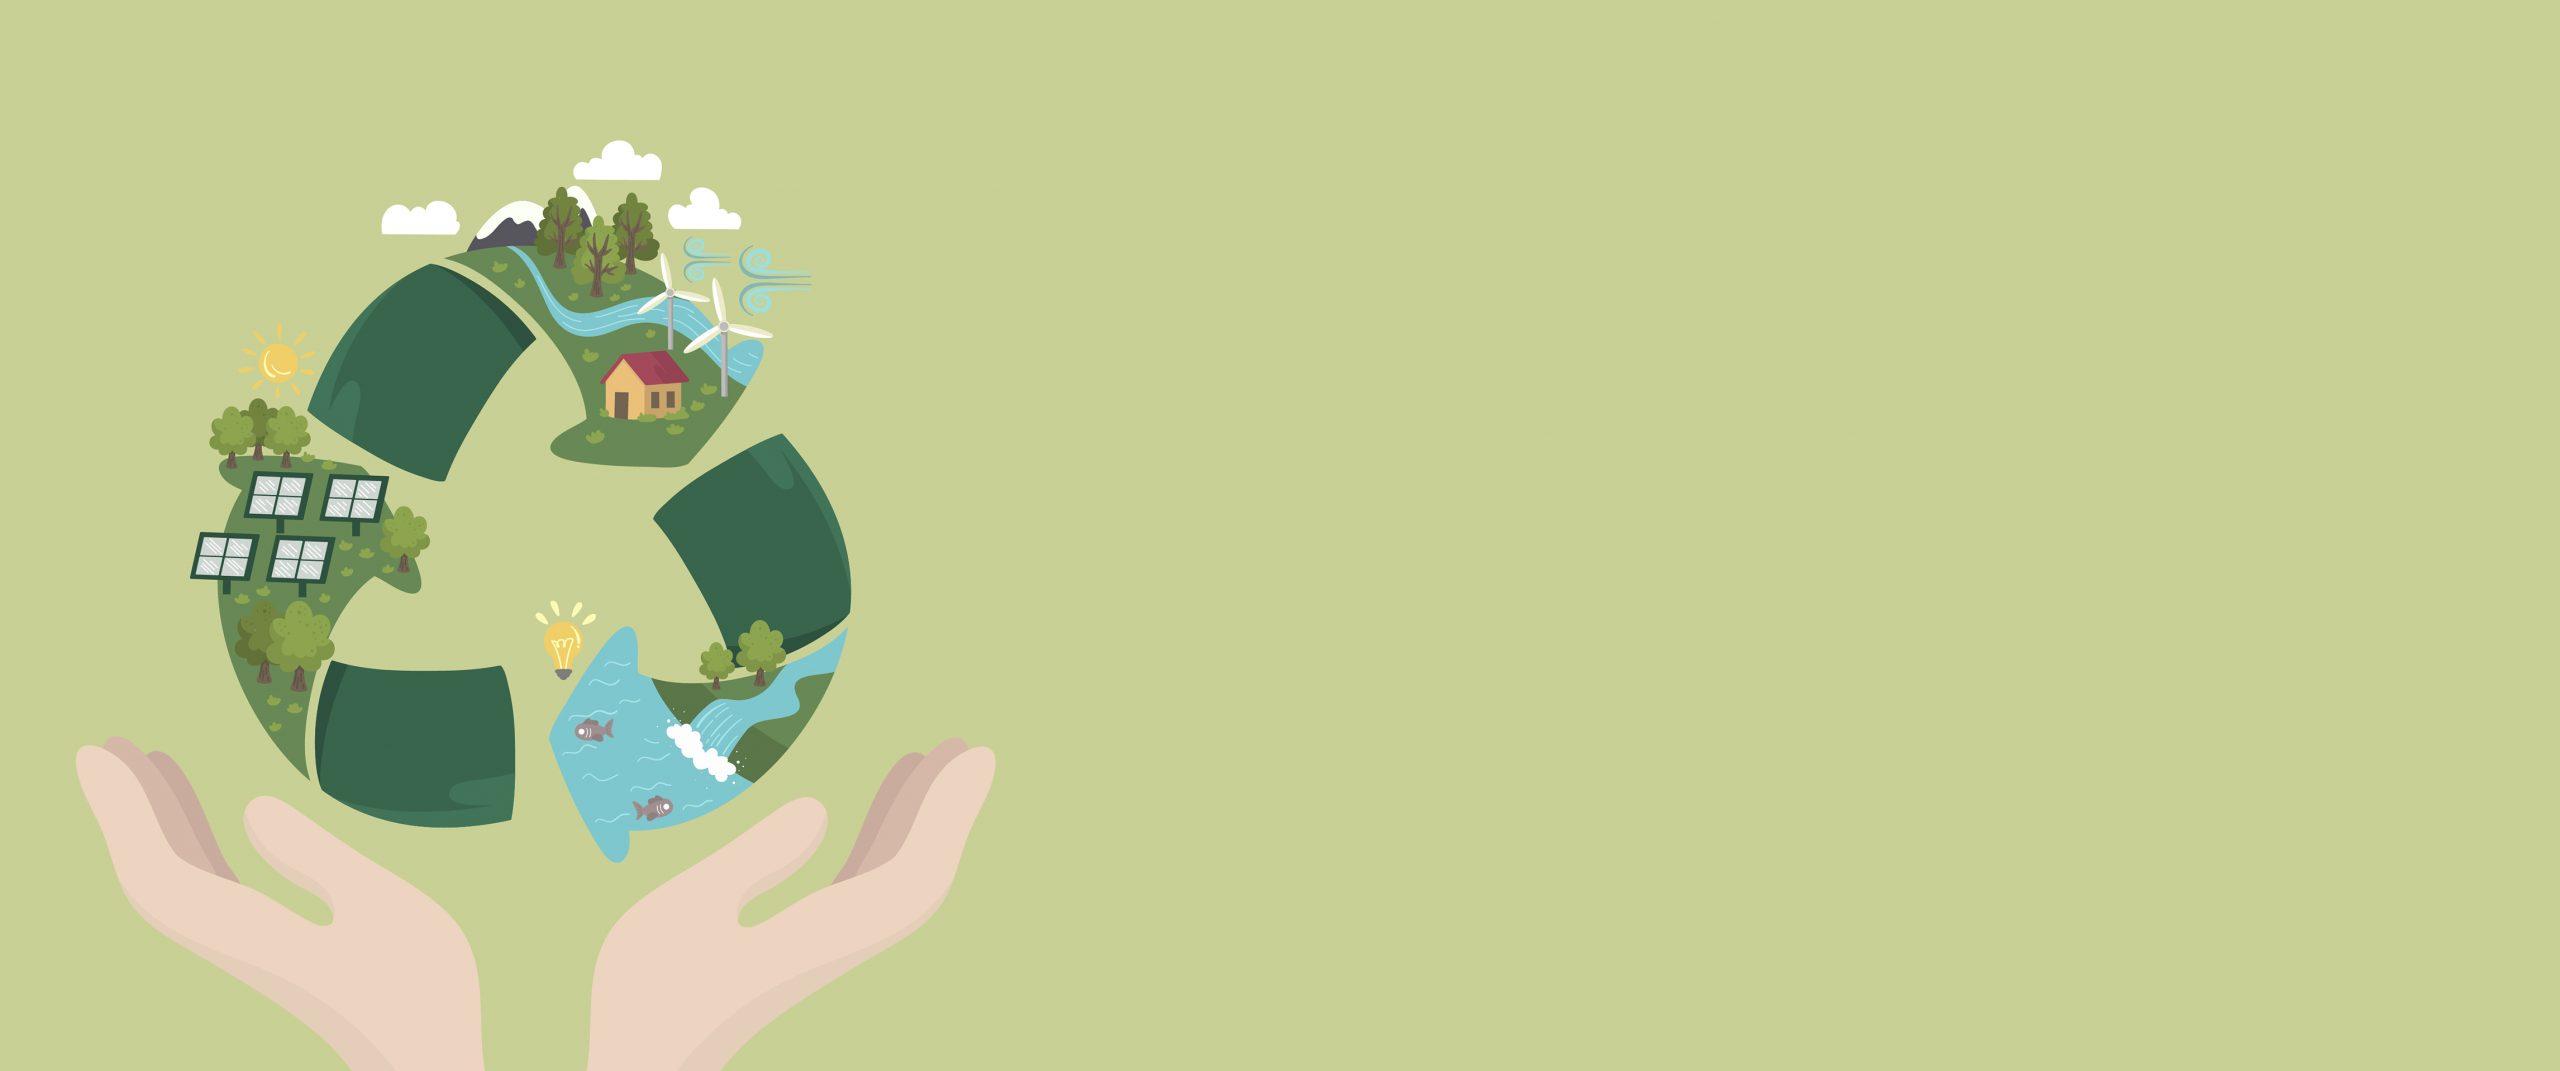 Çevre Danışmanlık Hizmetleri, Birizin Ormanizinleri LTD. ŞTİ. bünyesinde uzman mühendis kadromuz ile himzetinizdeyiz.